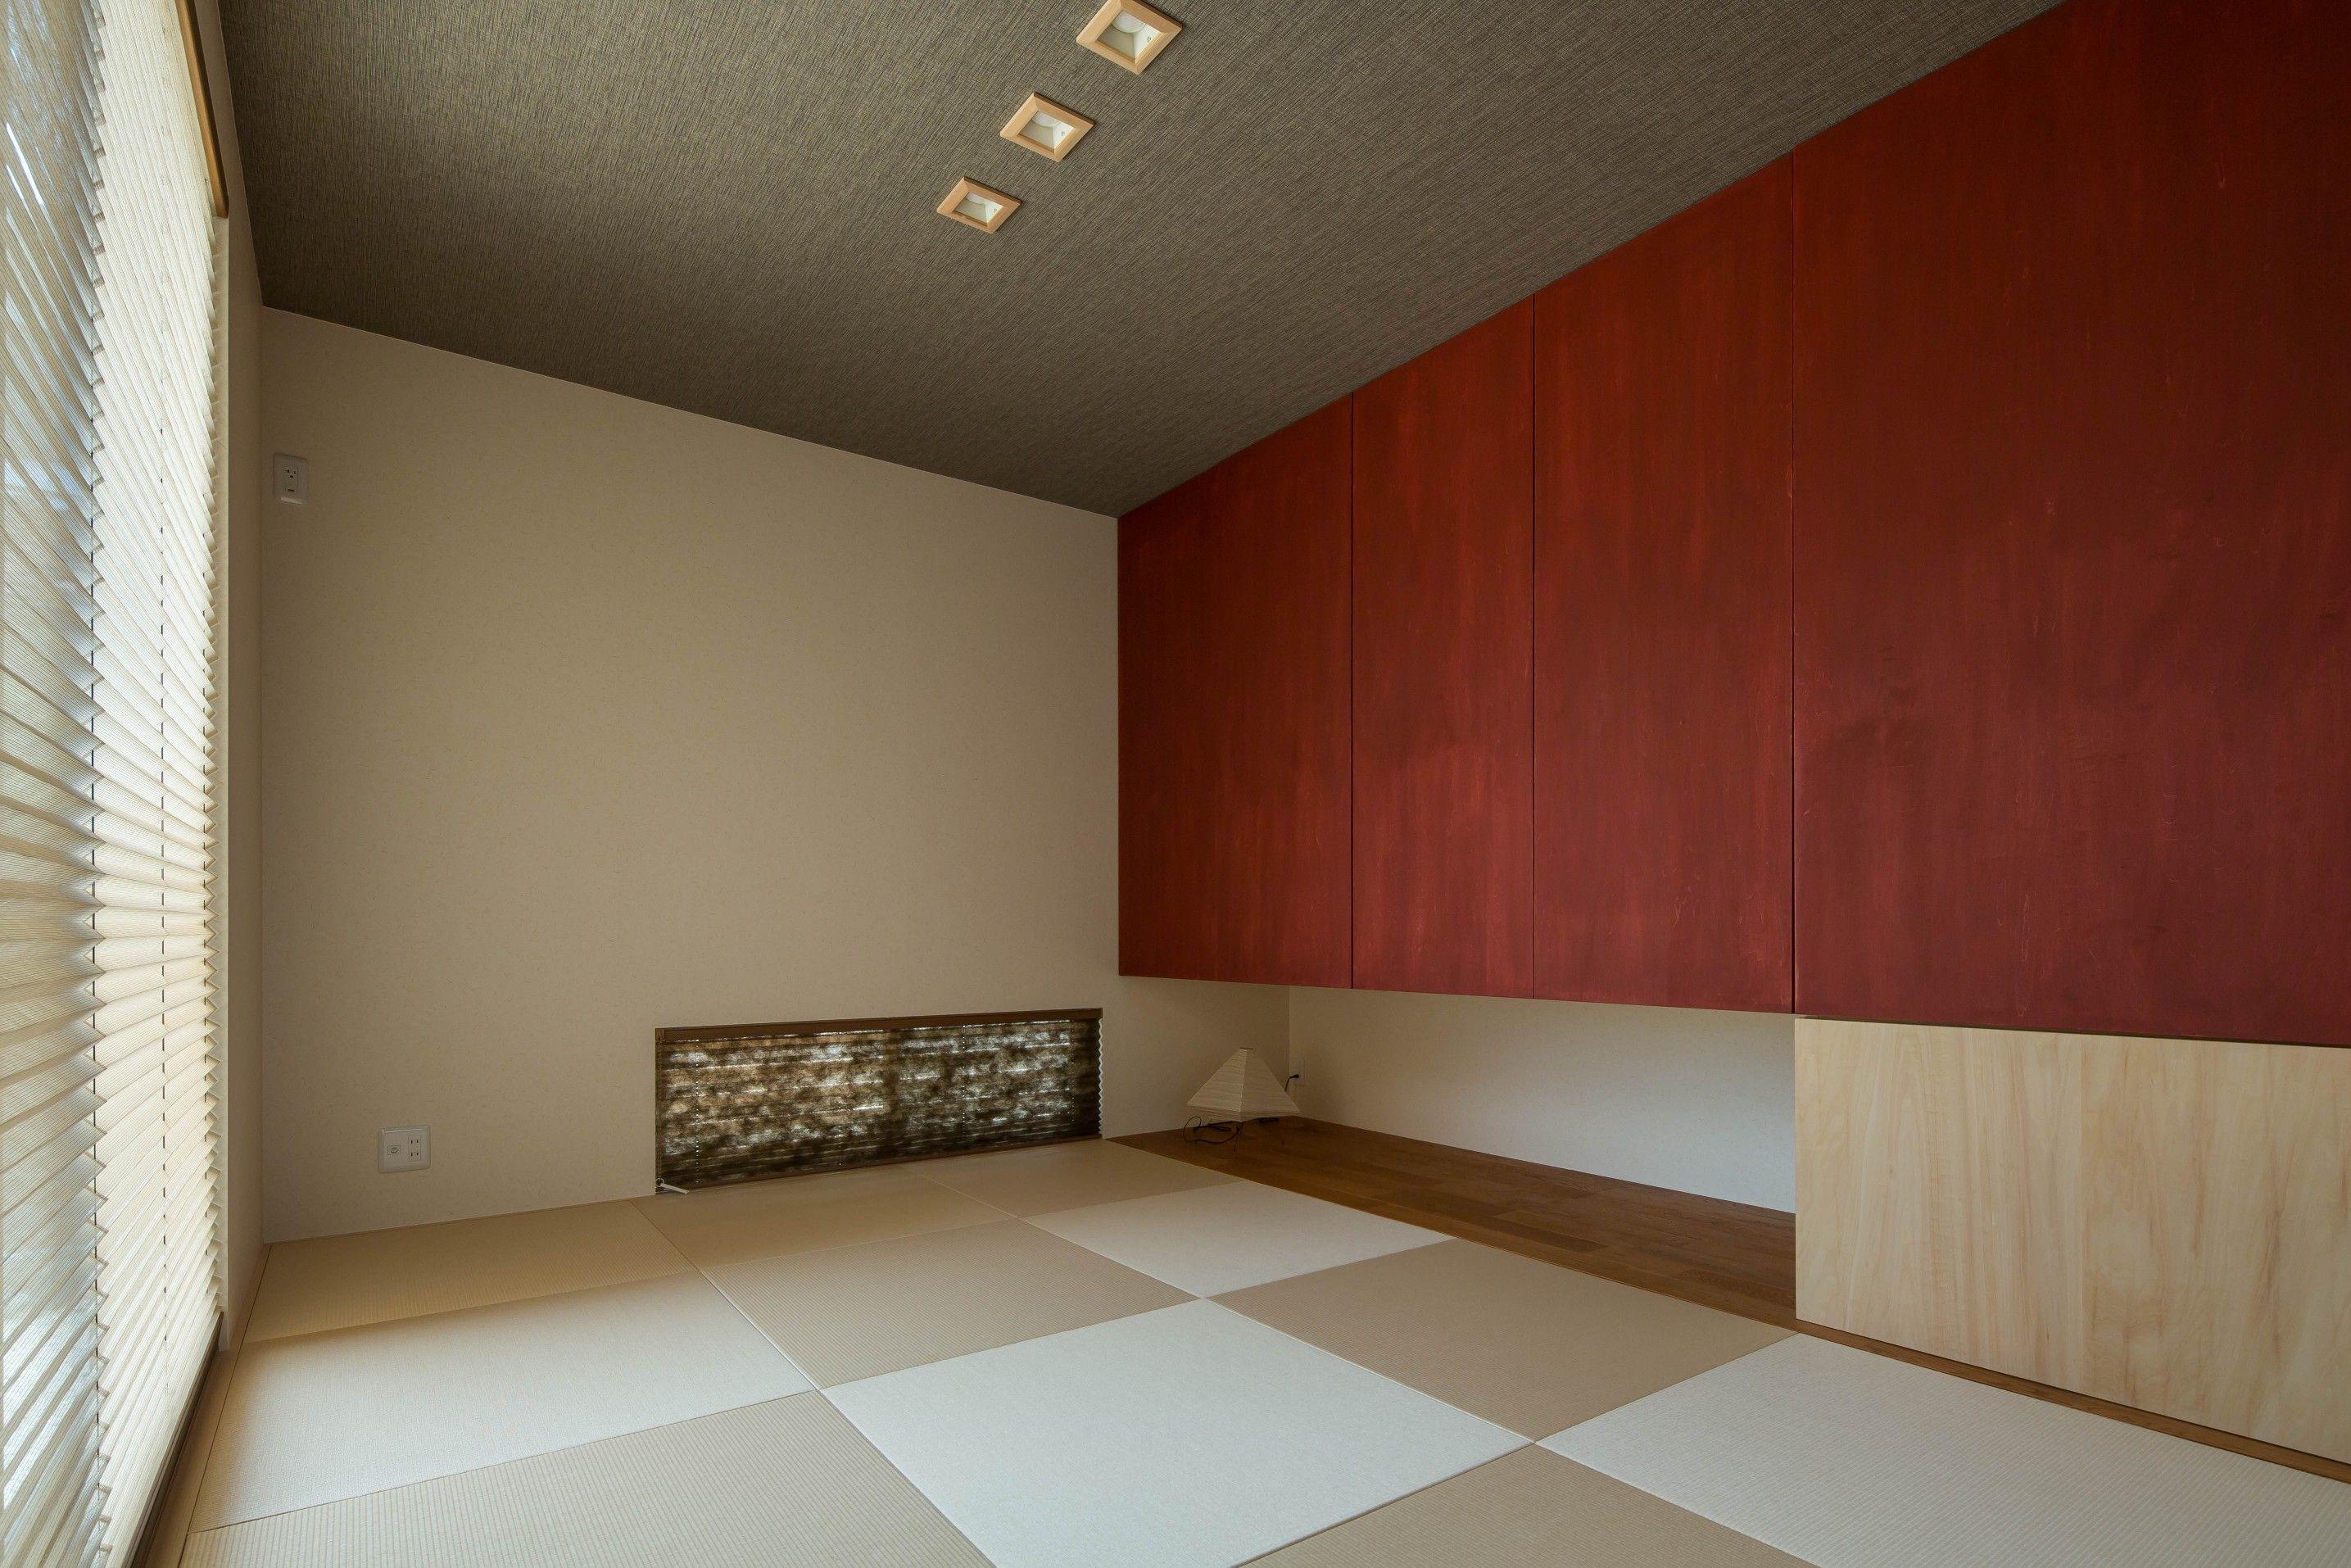 和とモダンのバランスがほど良い和室 うれしい大収納が活躍します